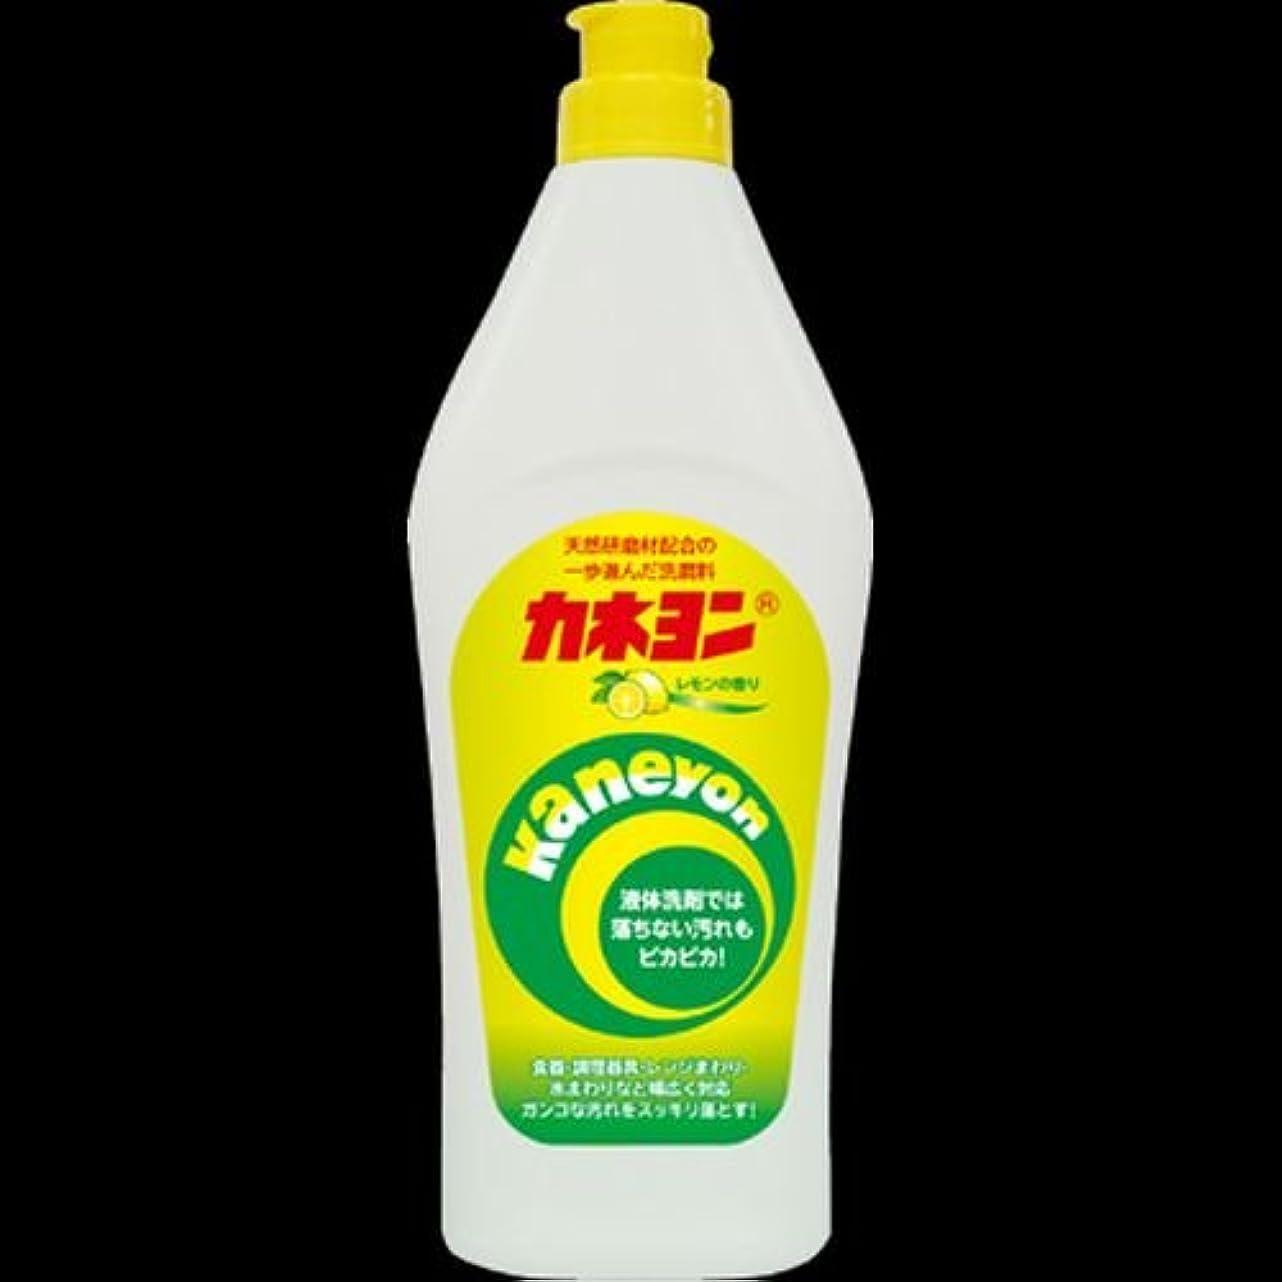 カニ脱獄移動する【まとめ買い】カネヨ石鹸 カネヨンレモン 550g ×2セット